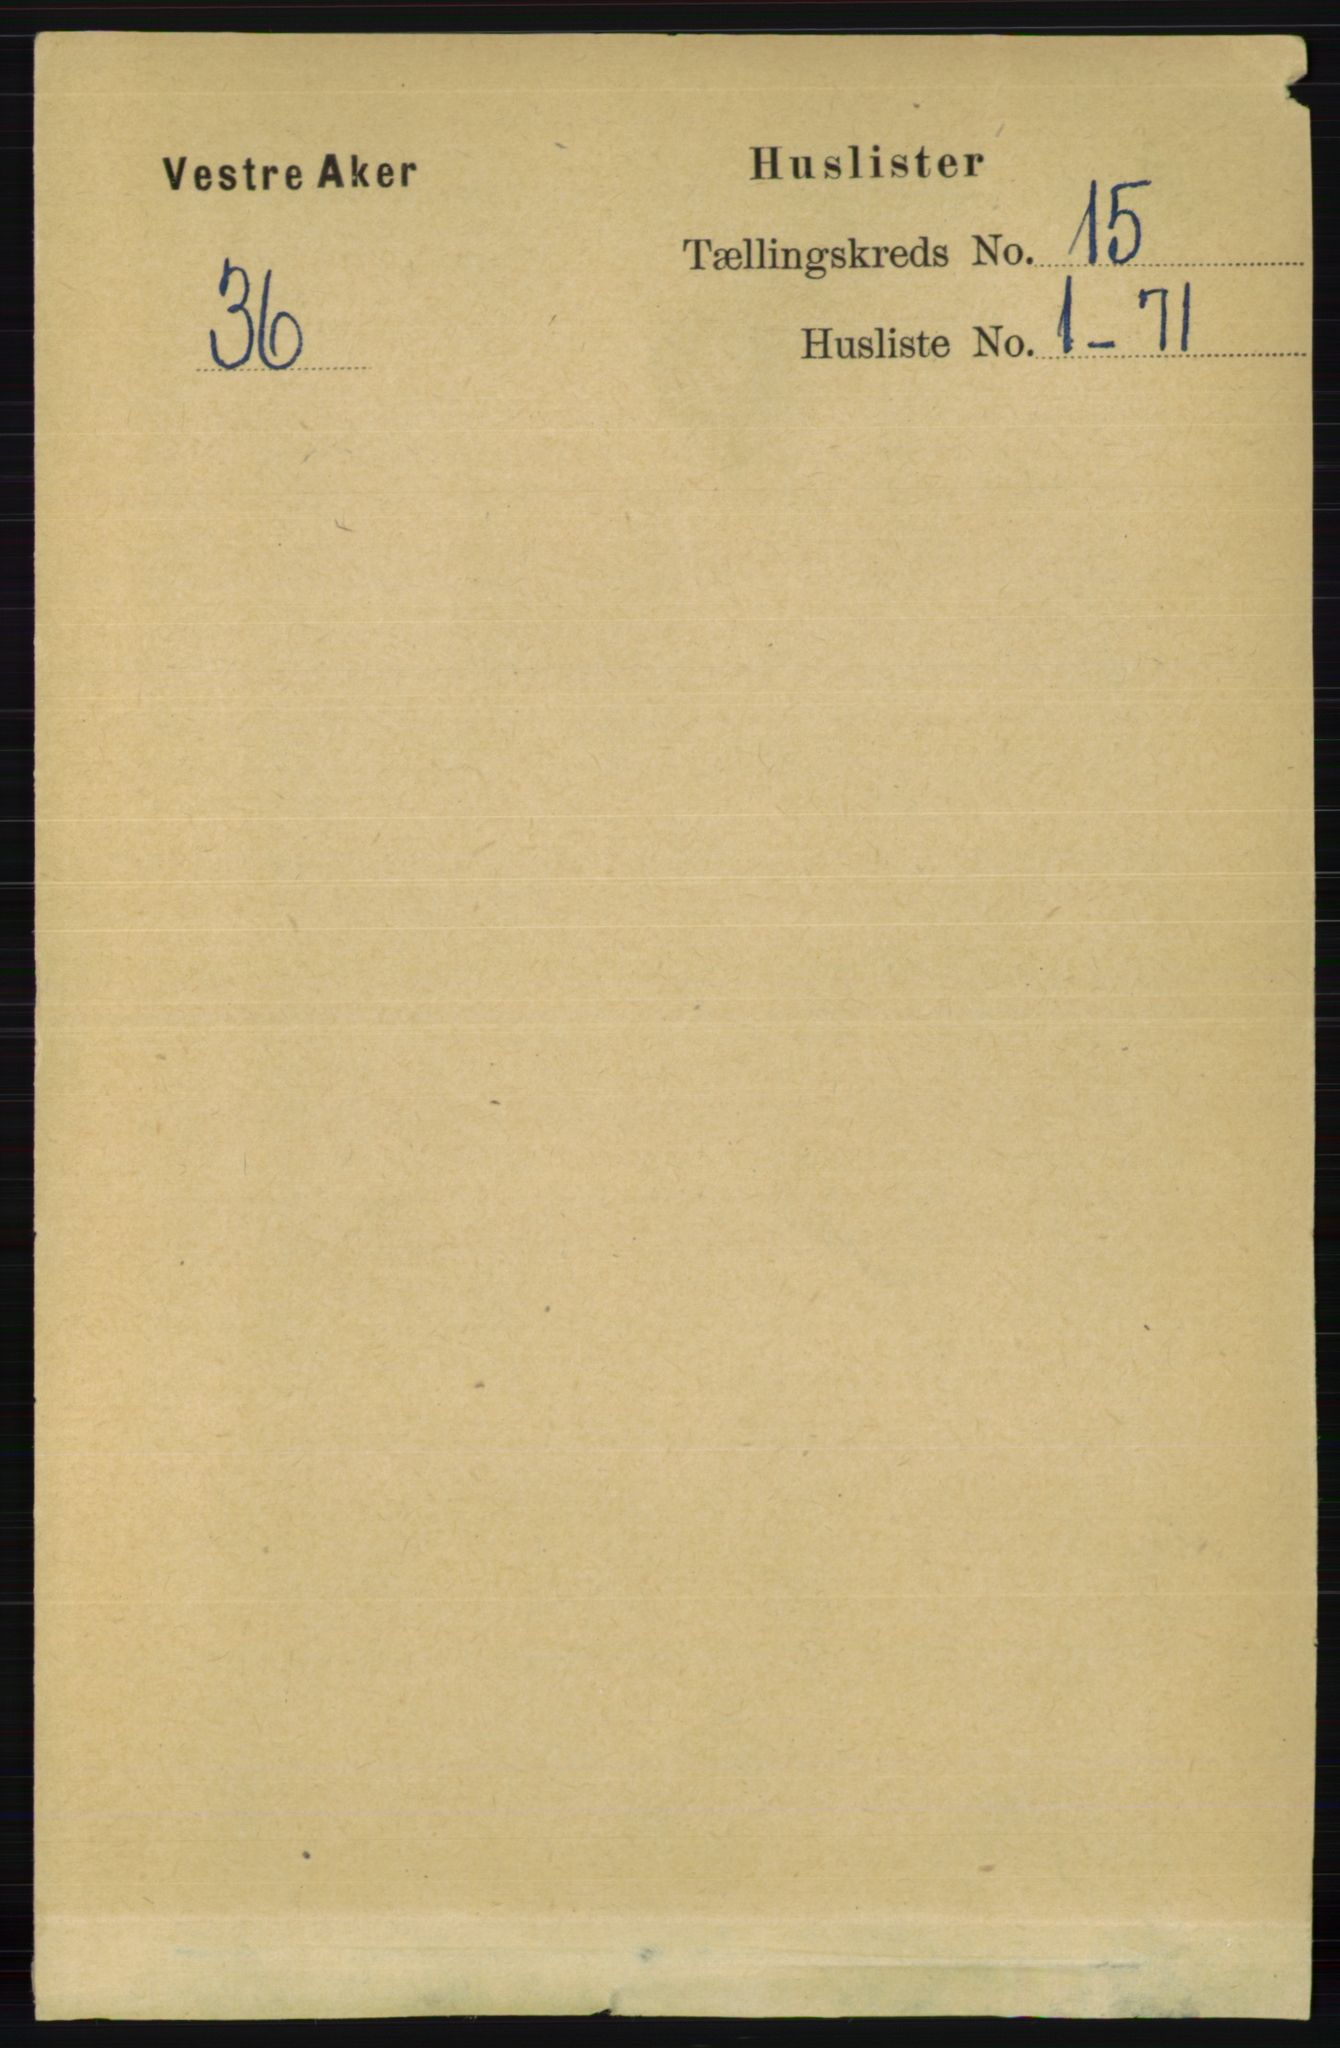 RA, Folketelling 1891 for 0218 Aker herred, 1891, s. 13251